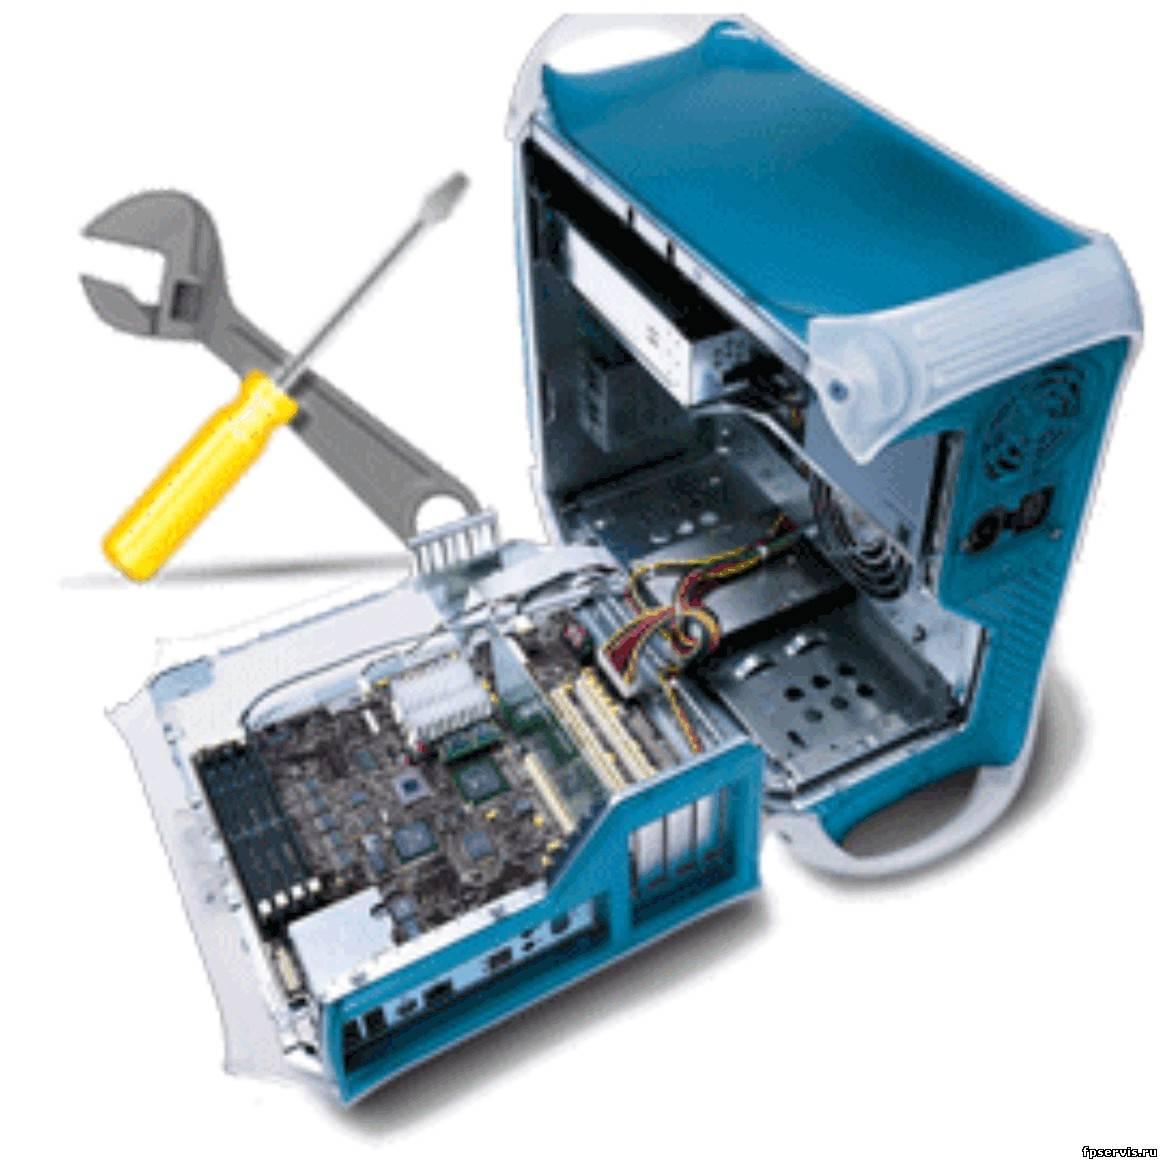 Фирма производит ремонт компьютеров